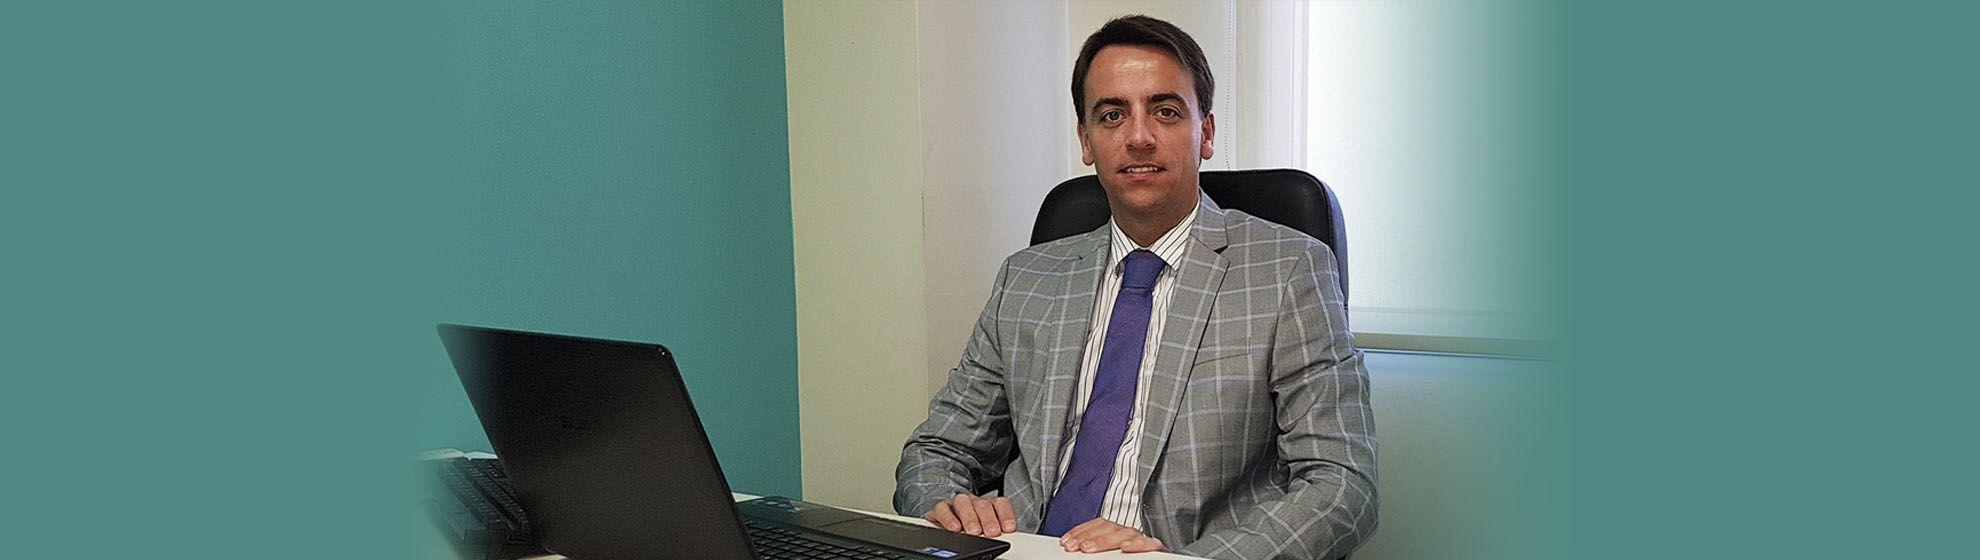 Dr. Javier Nicolía - Centro Médico Palmares